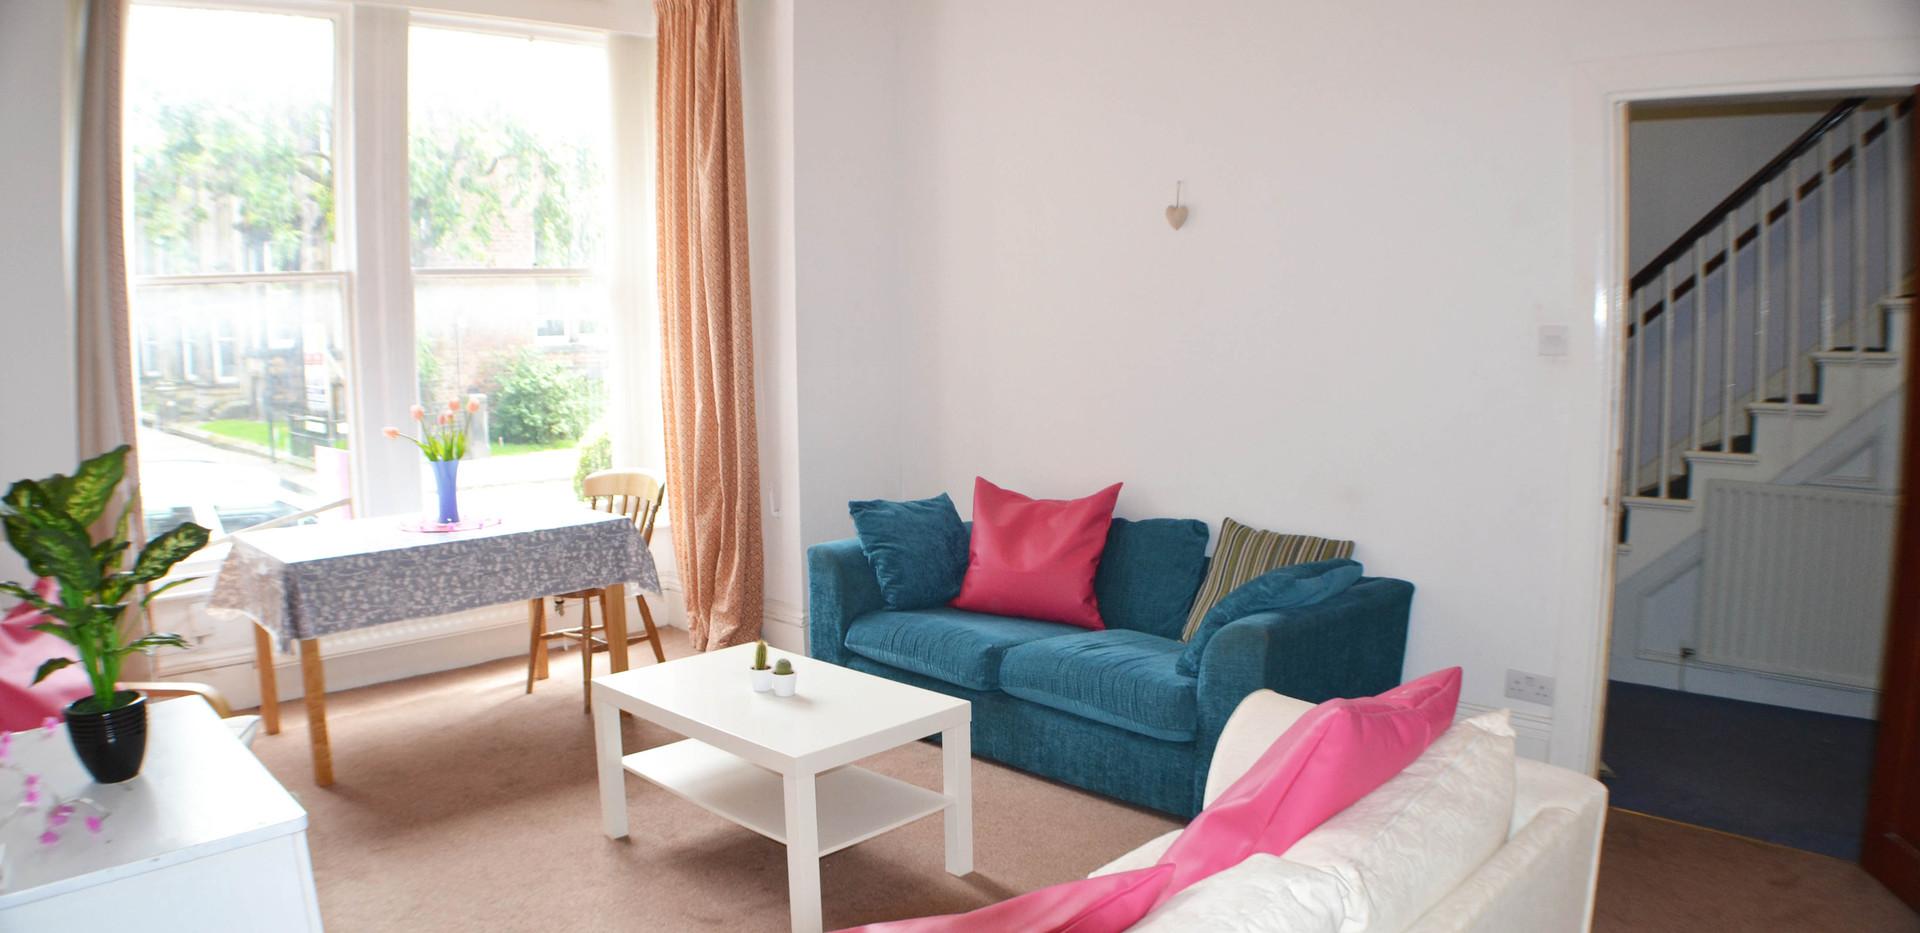 21 Portland Square - Living Room (2)